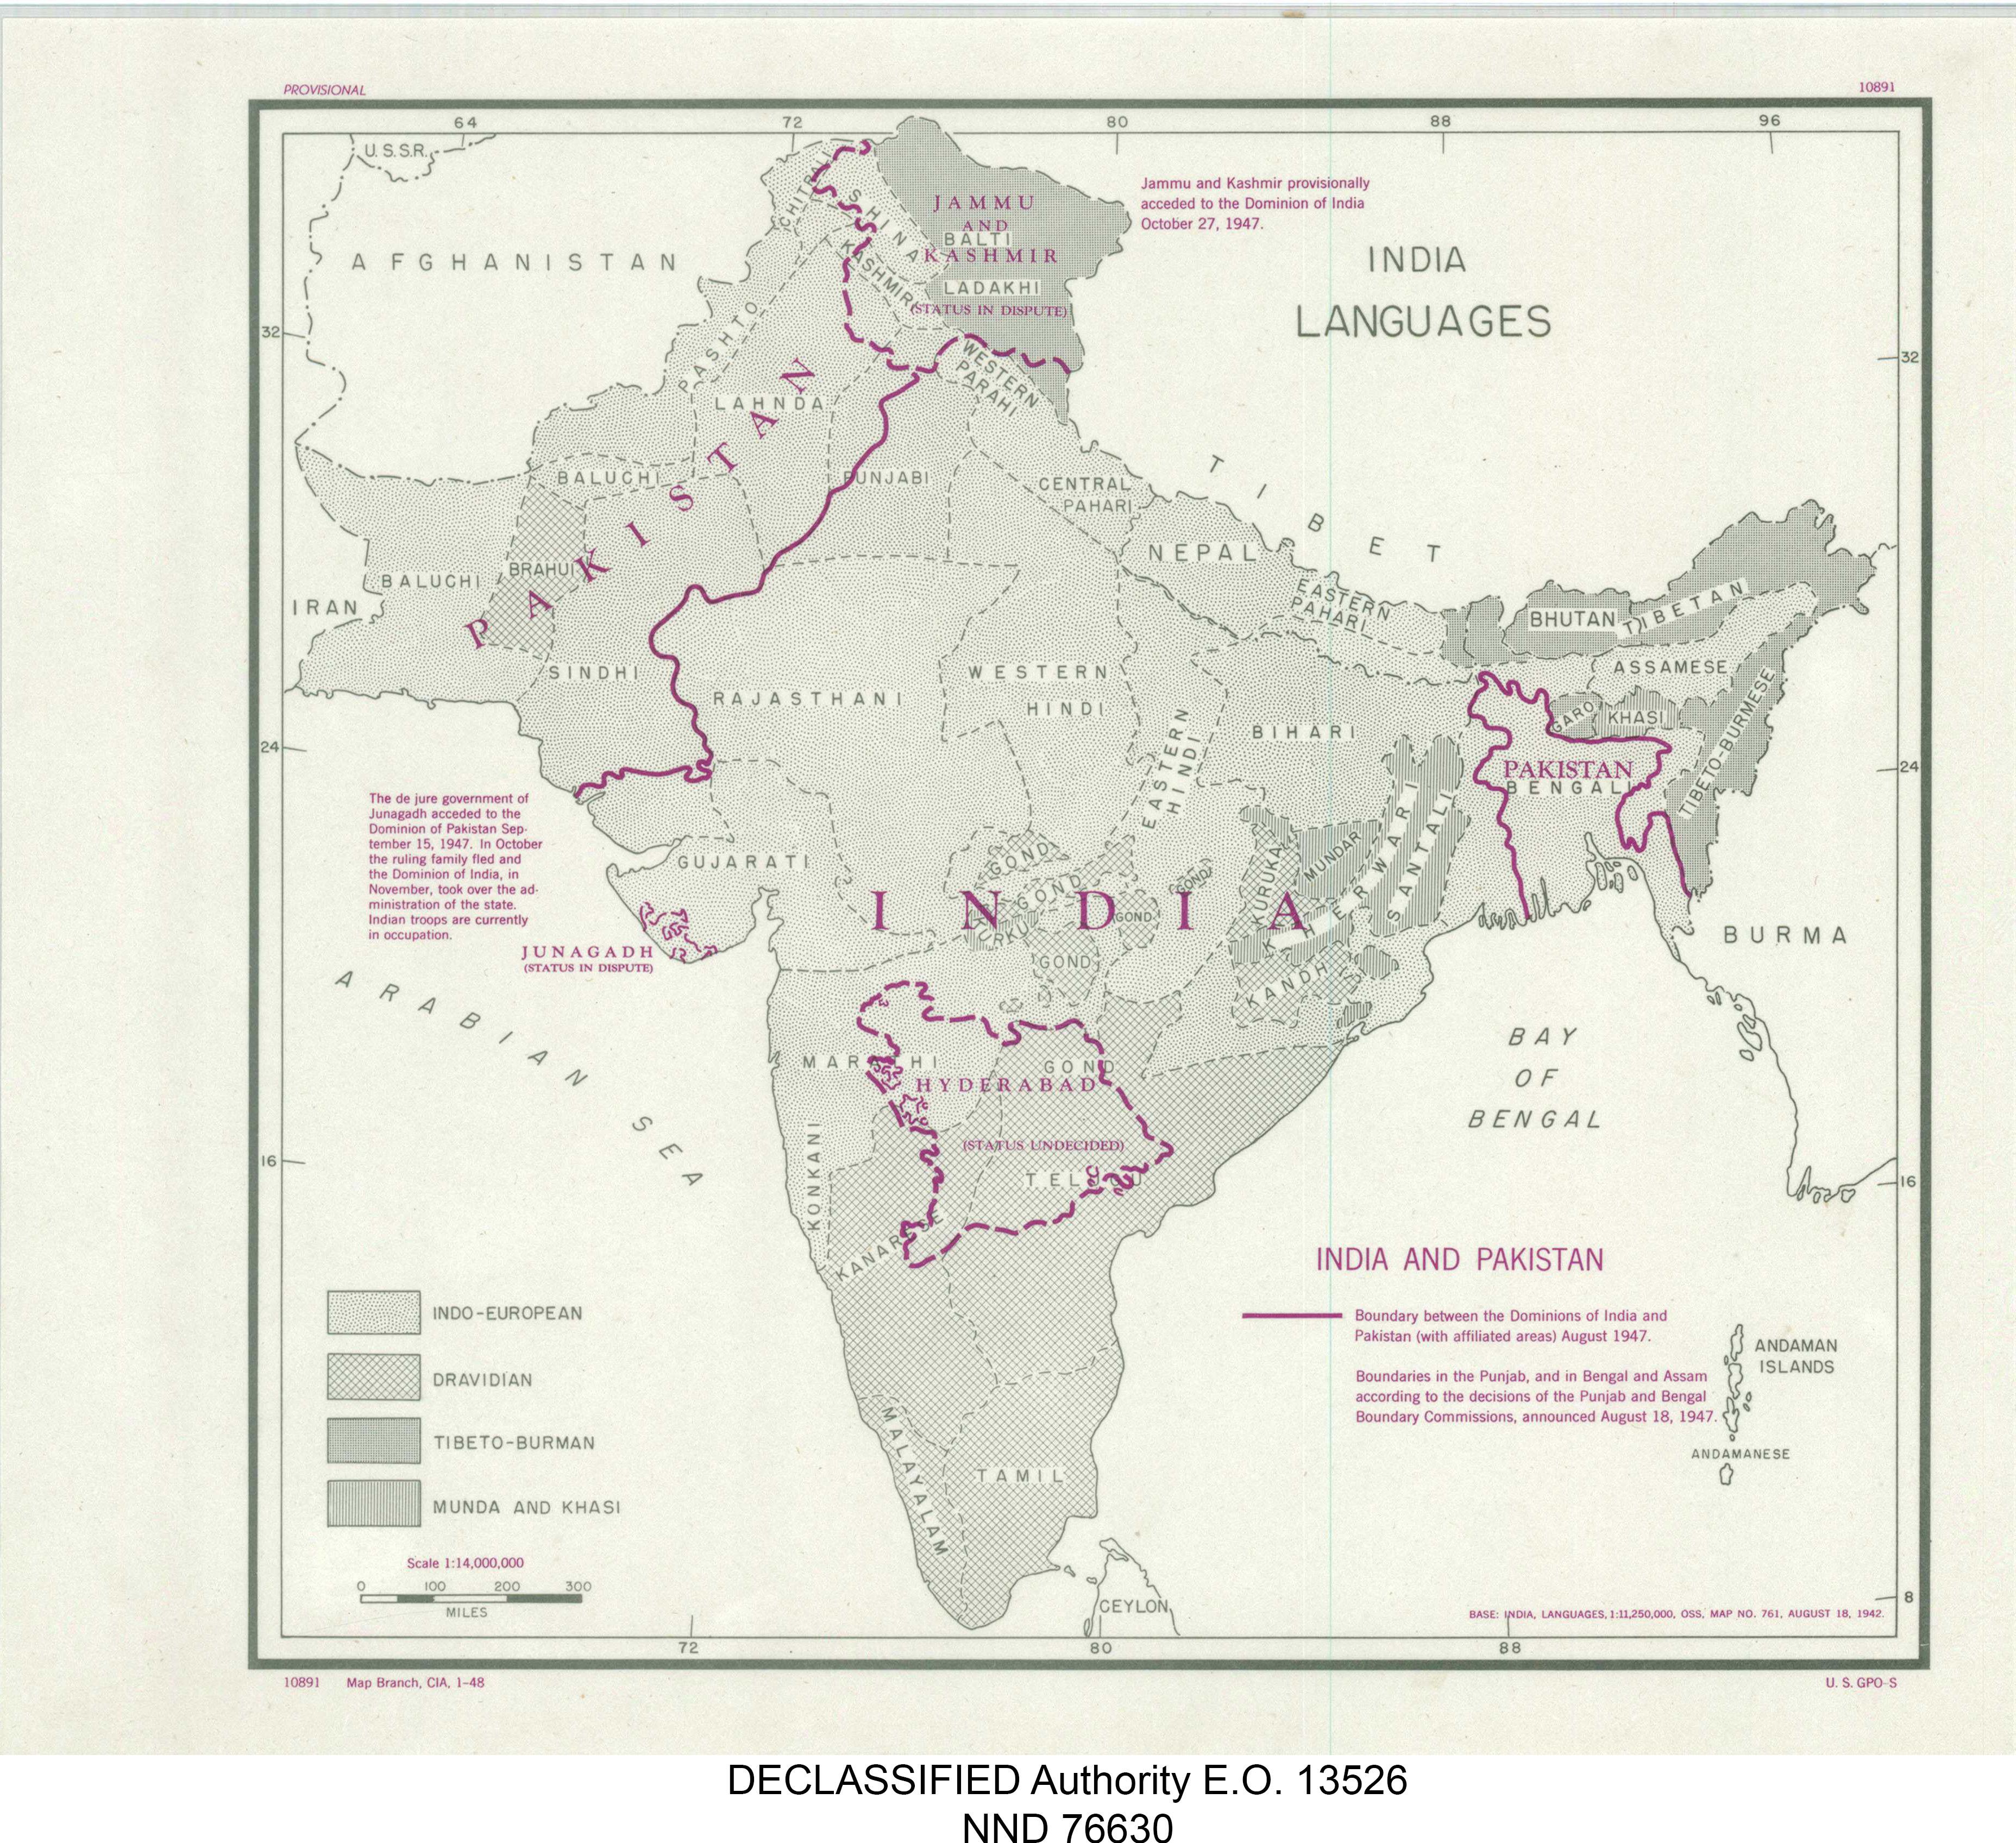 India Languages